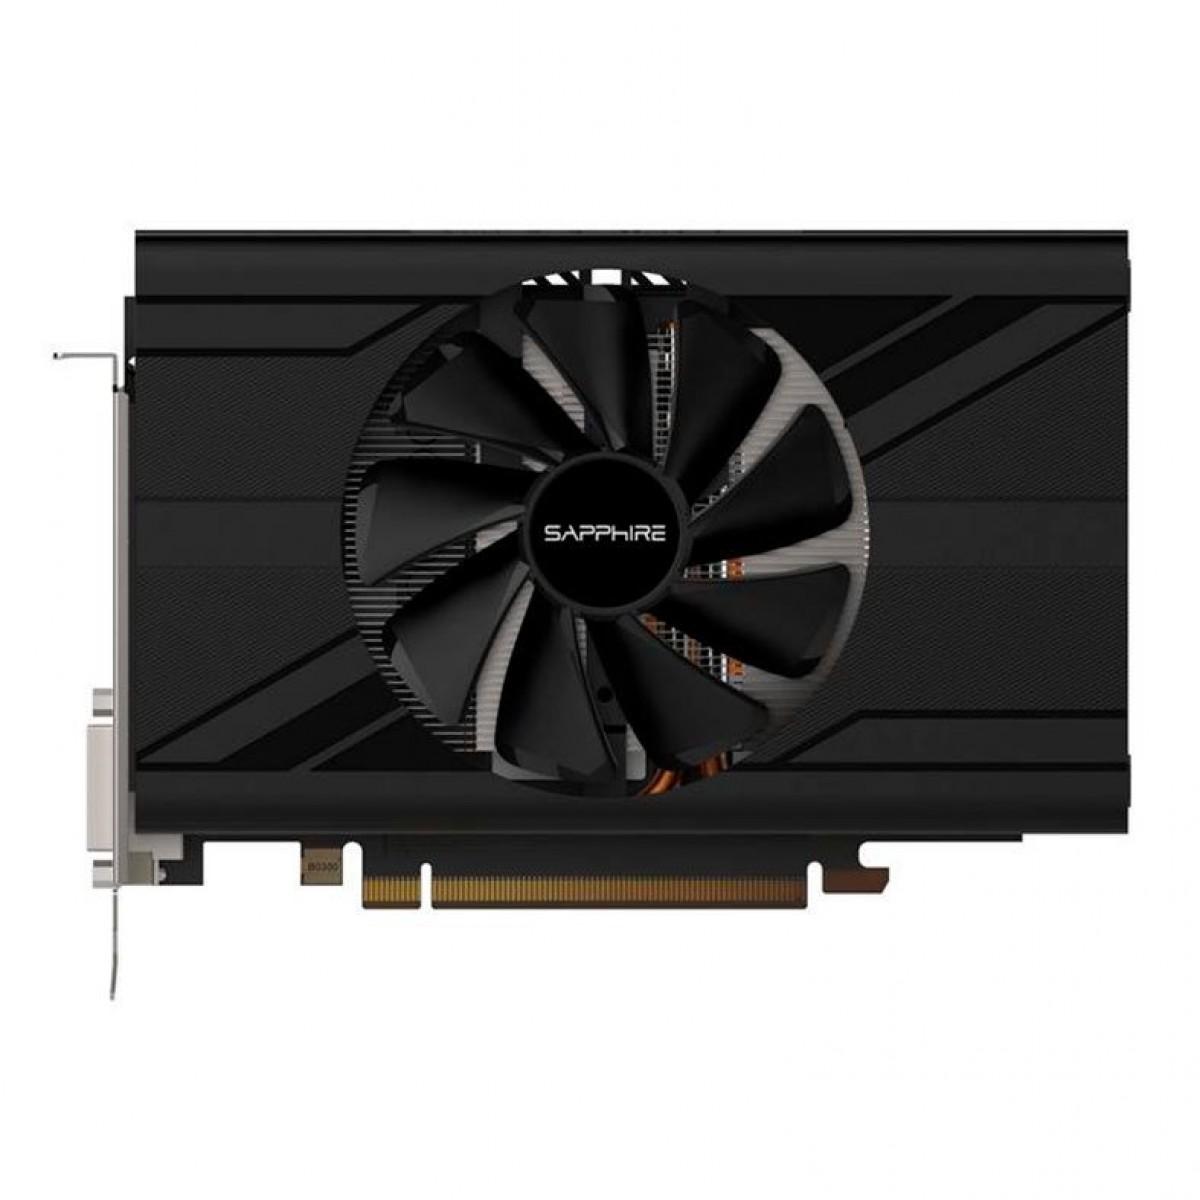 Placa de Vídeo Sapphire Radeon RX 570 Pulse, 4GB GDDR5, 256BIT, 11266-34-20G